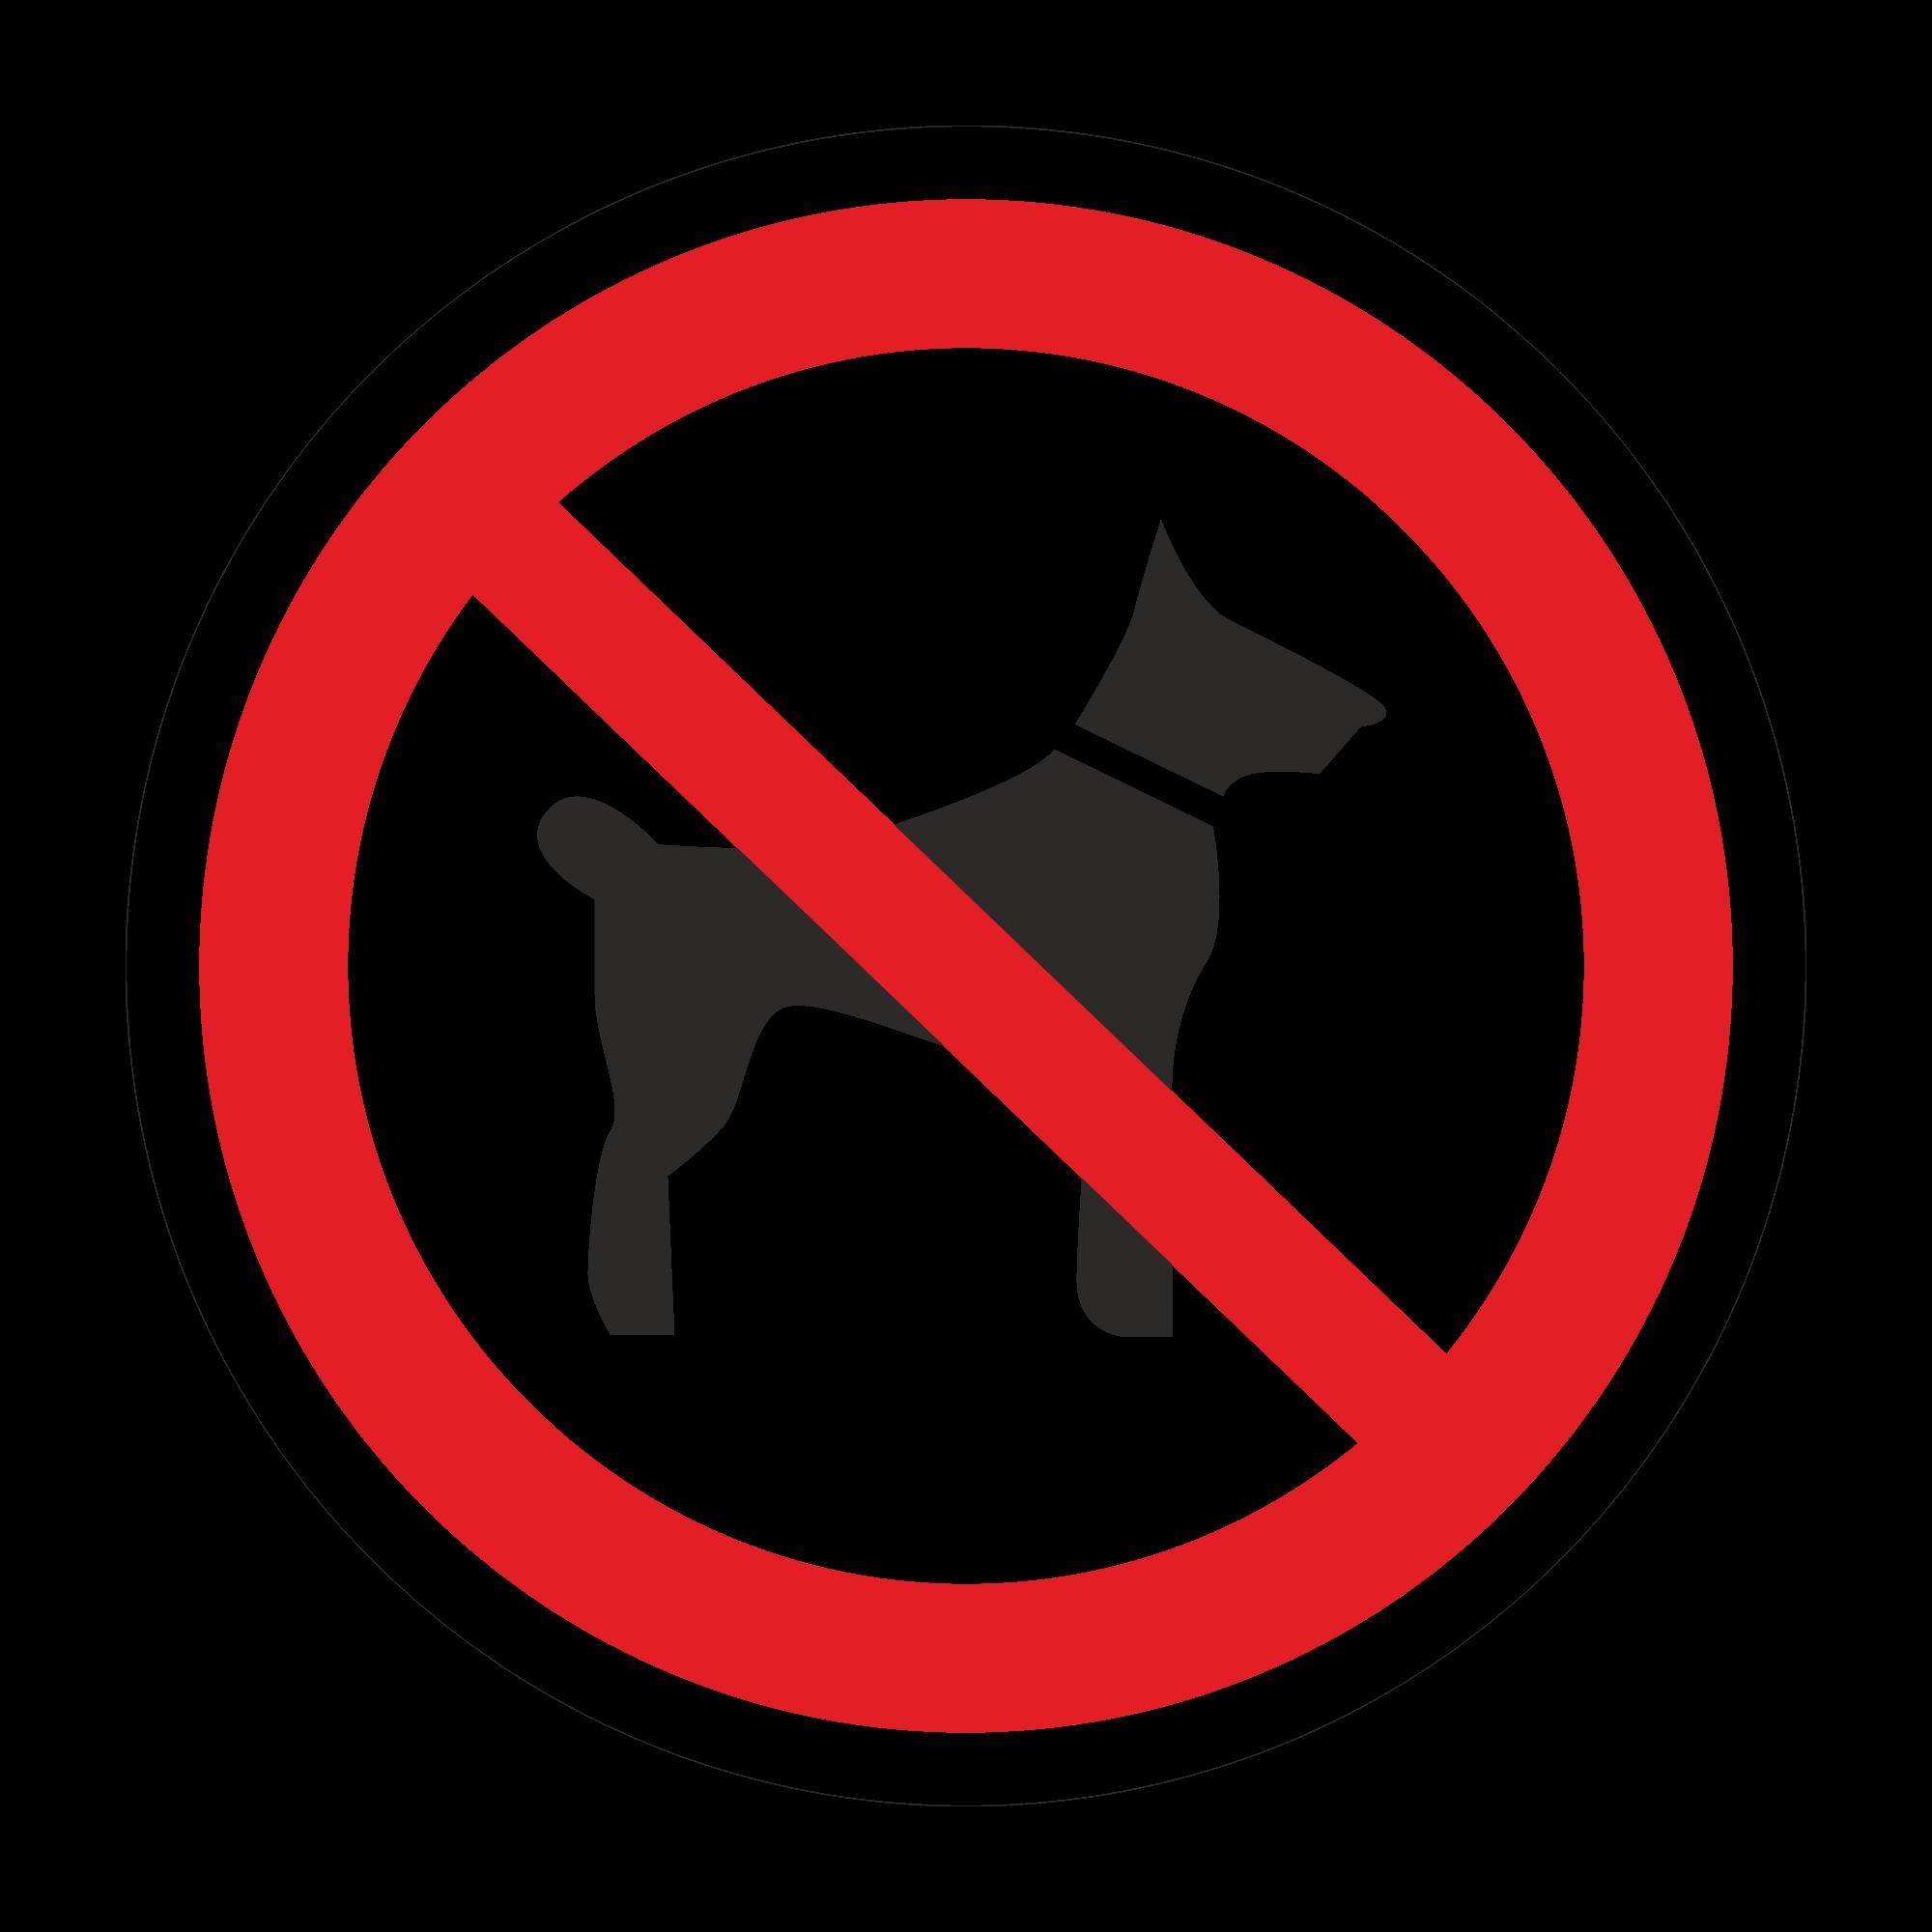 Р14 Запрещается вход с животными